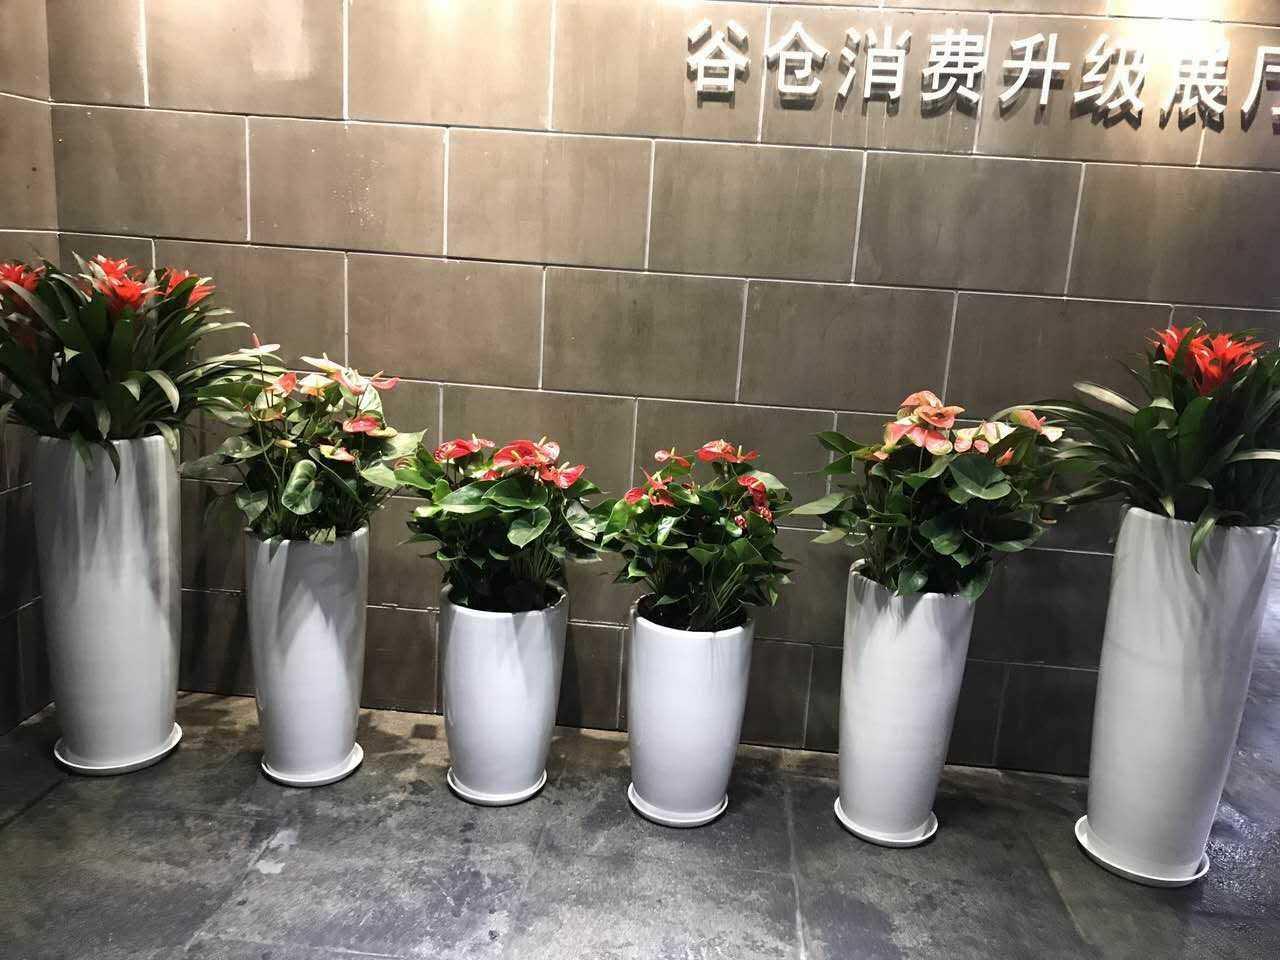 杭州绿植租赁:谷仓展会绿植租赁